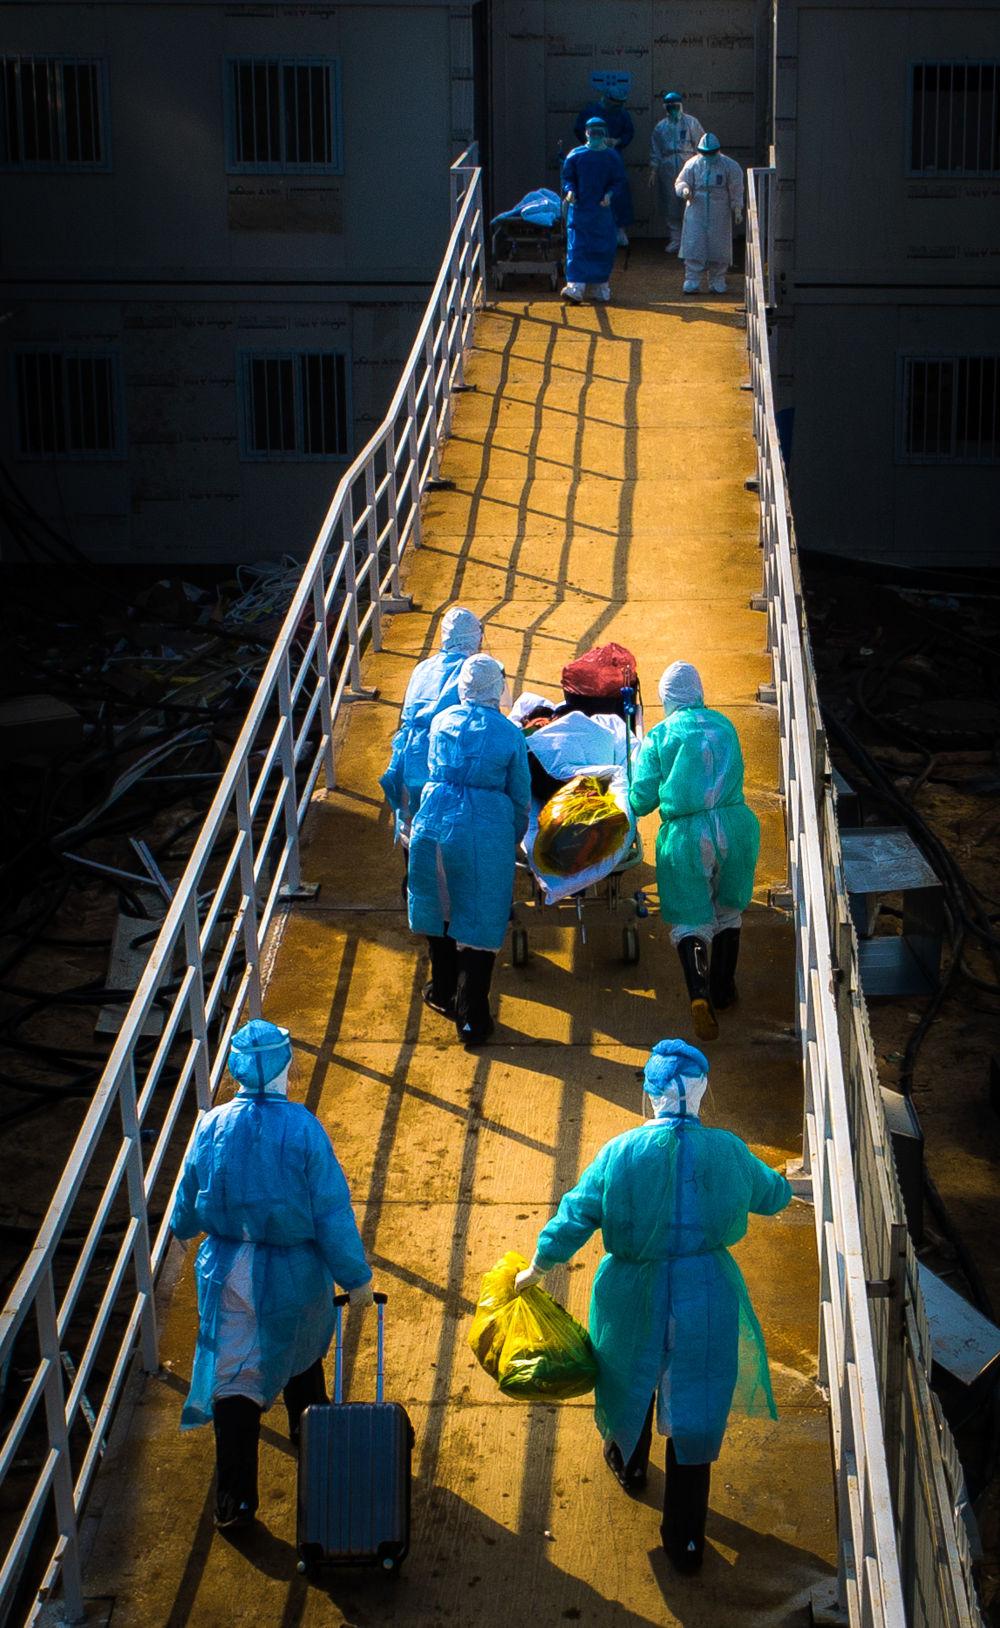 医护人员将患者转运至武汉火神山医院病房(2月4日摄,无人机照片)。新华社记者 肖艺九 摄